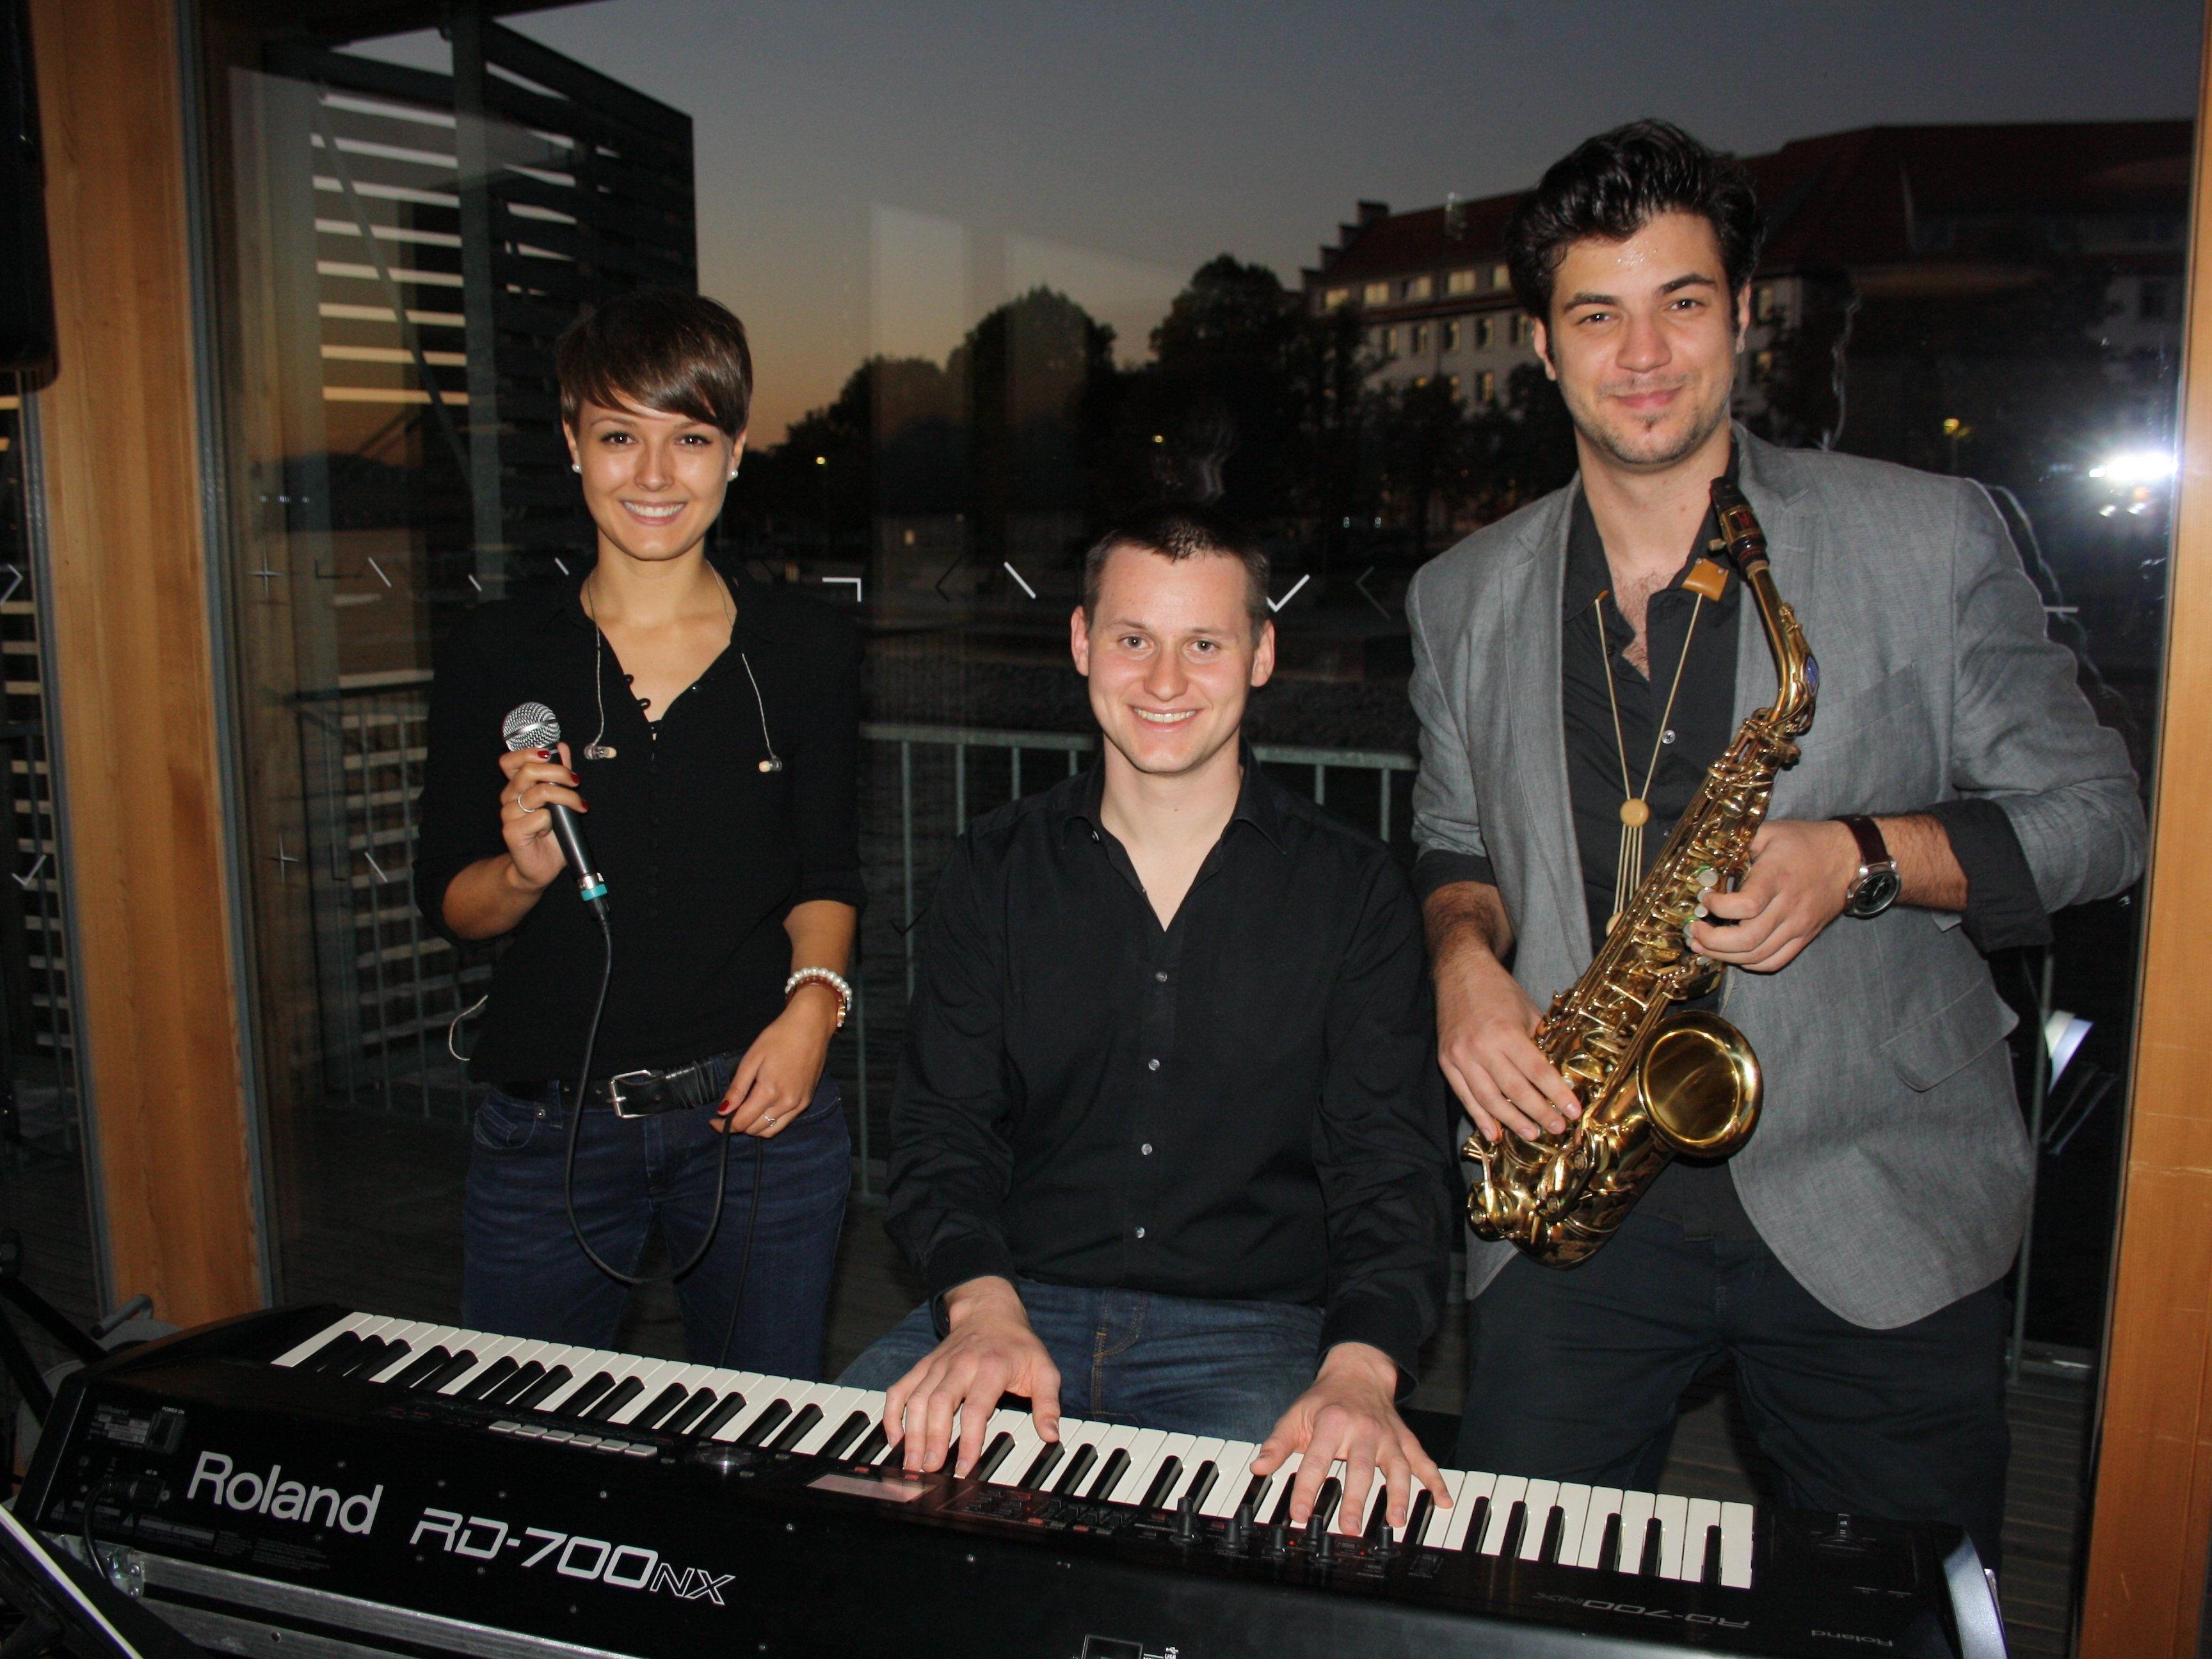 """BU: Nina Berchtel (Vocal), Christian Heuschneider (Piano) und Cenk Dogan (Saxophon) eröffneten die """"Jazz am See""""-Abende am Lochauer Kaiserstrand – nun jeden ersten Donnerstag im Monat auf dem Badehaus des Seehotels."""